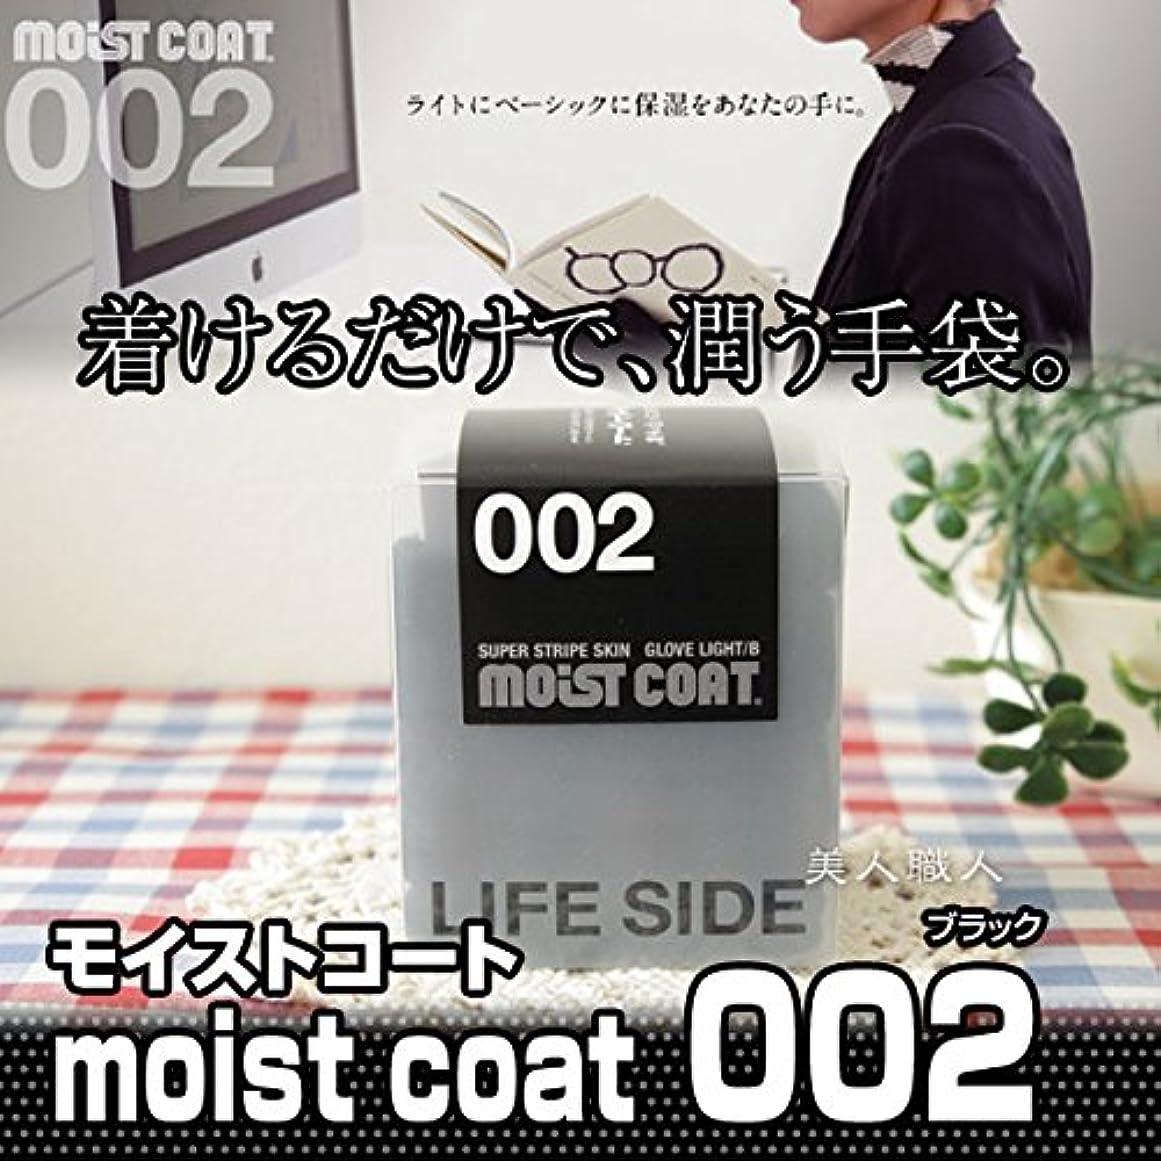 インタネットを見るうめき声通訳コラーゲン手袋 モイストコート002 ブラック